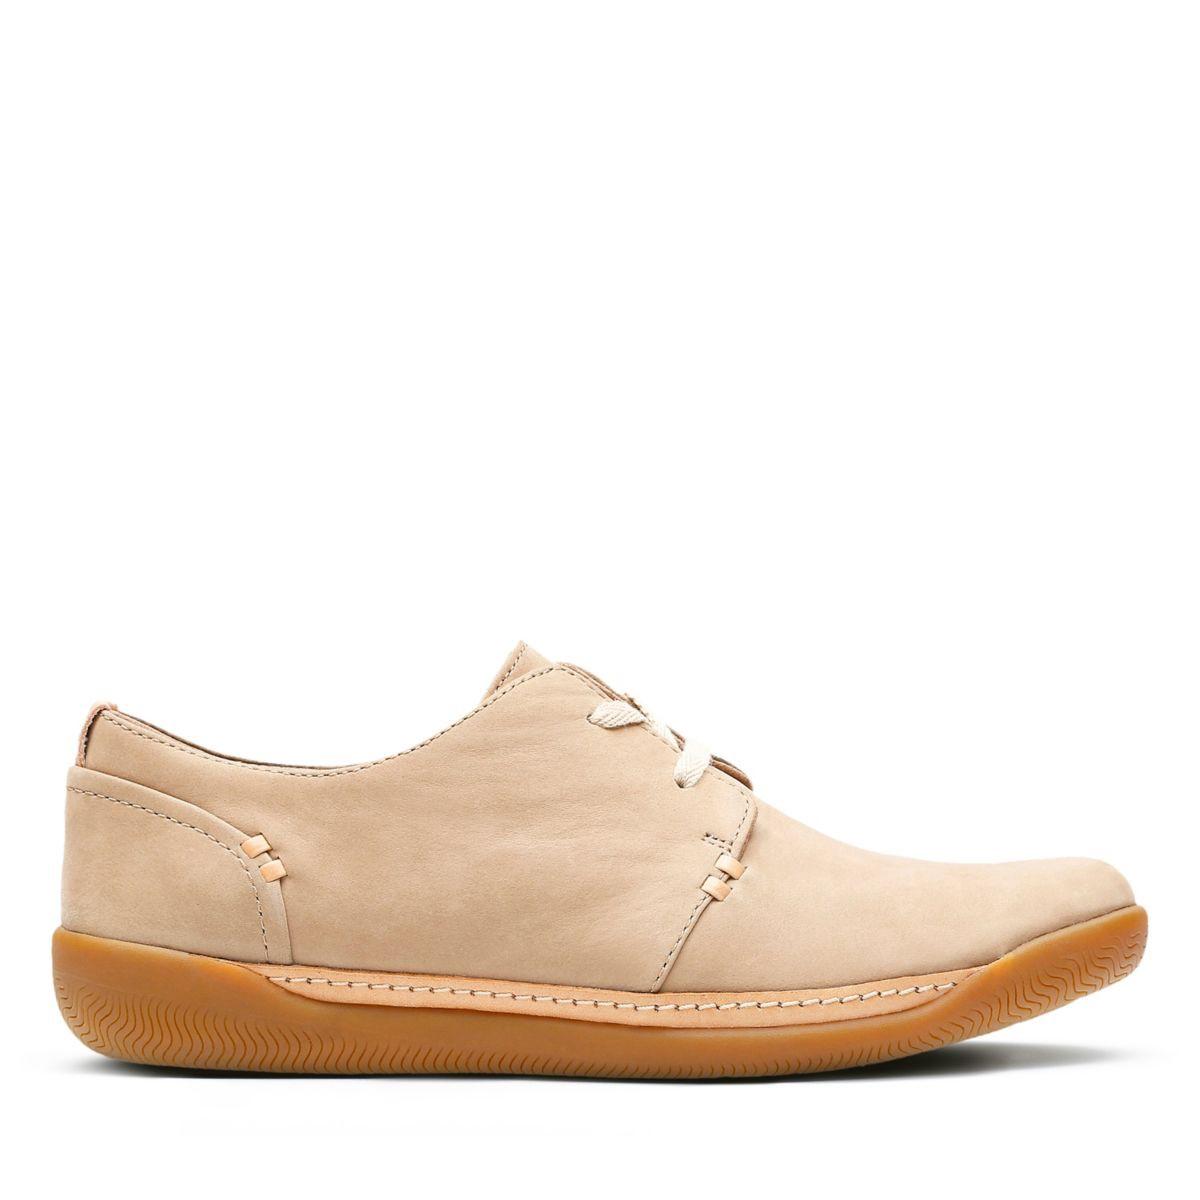 get new skate shoes official site Clarks Un Haven Lace - Womens Shoes Sand Nubuck 8.5 ...